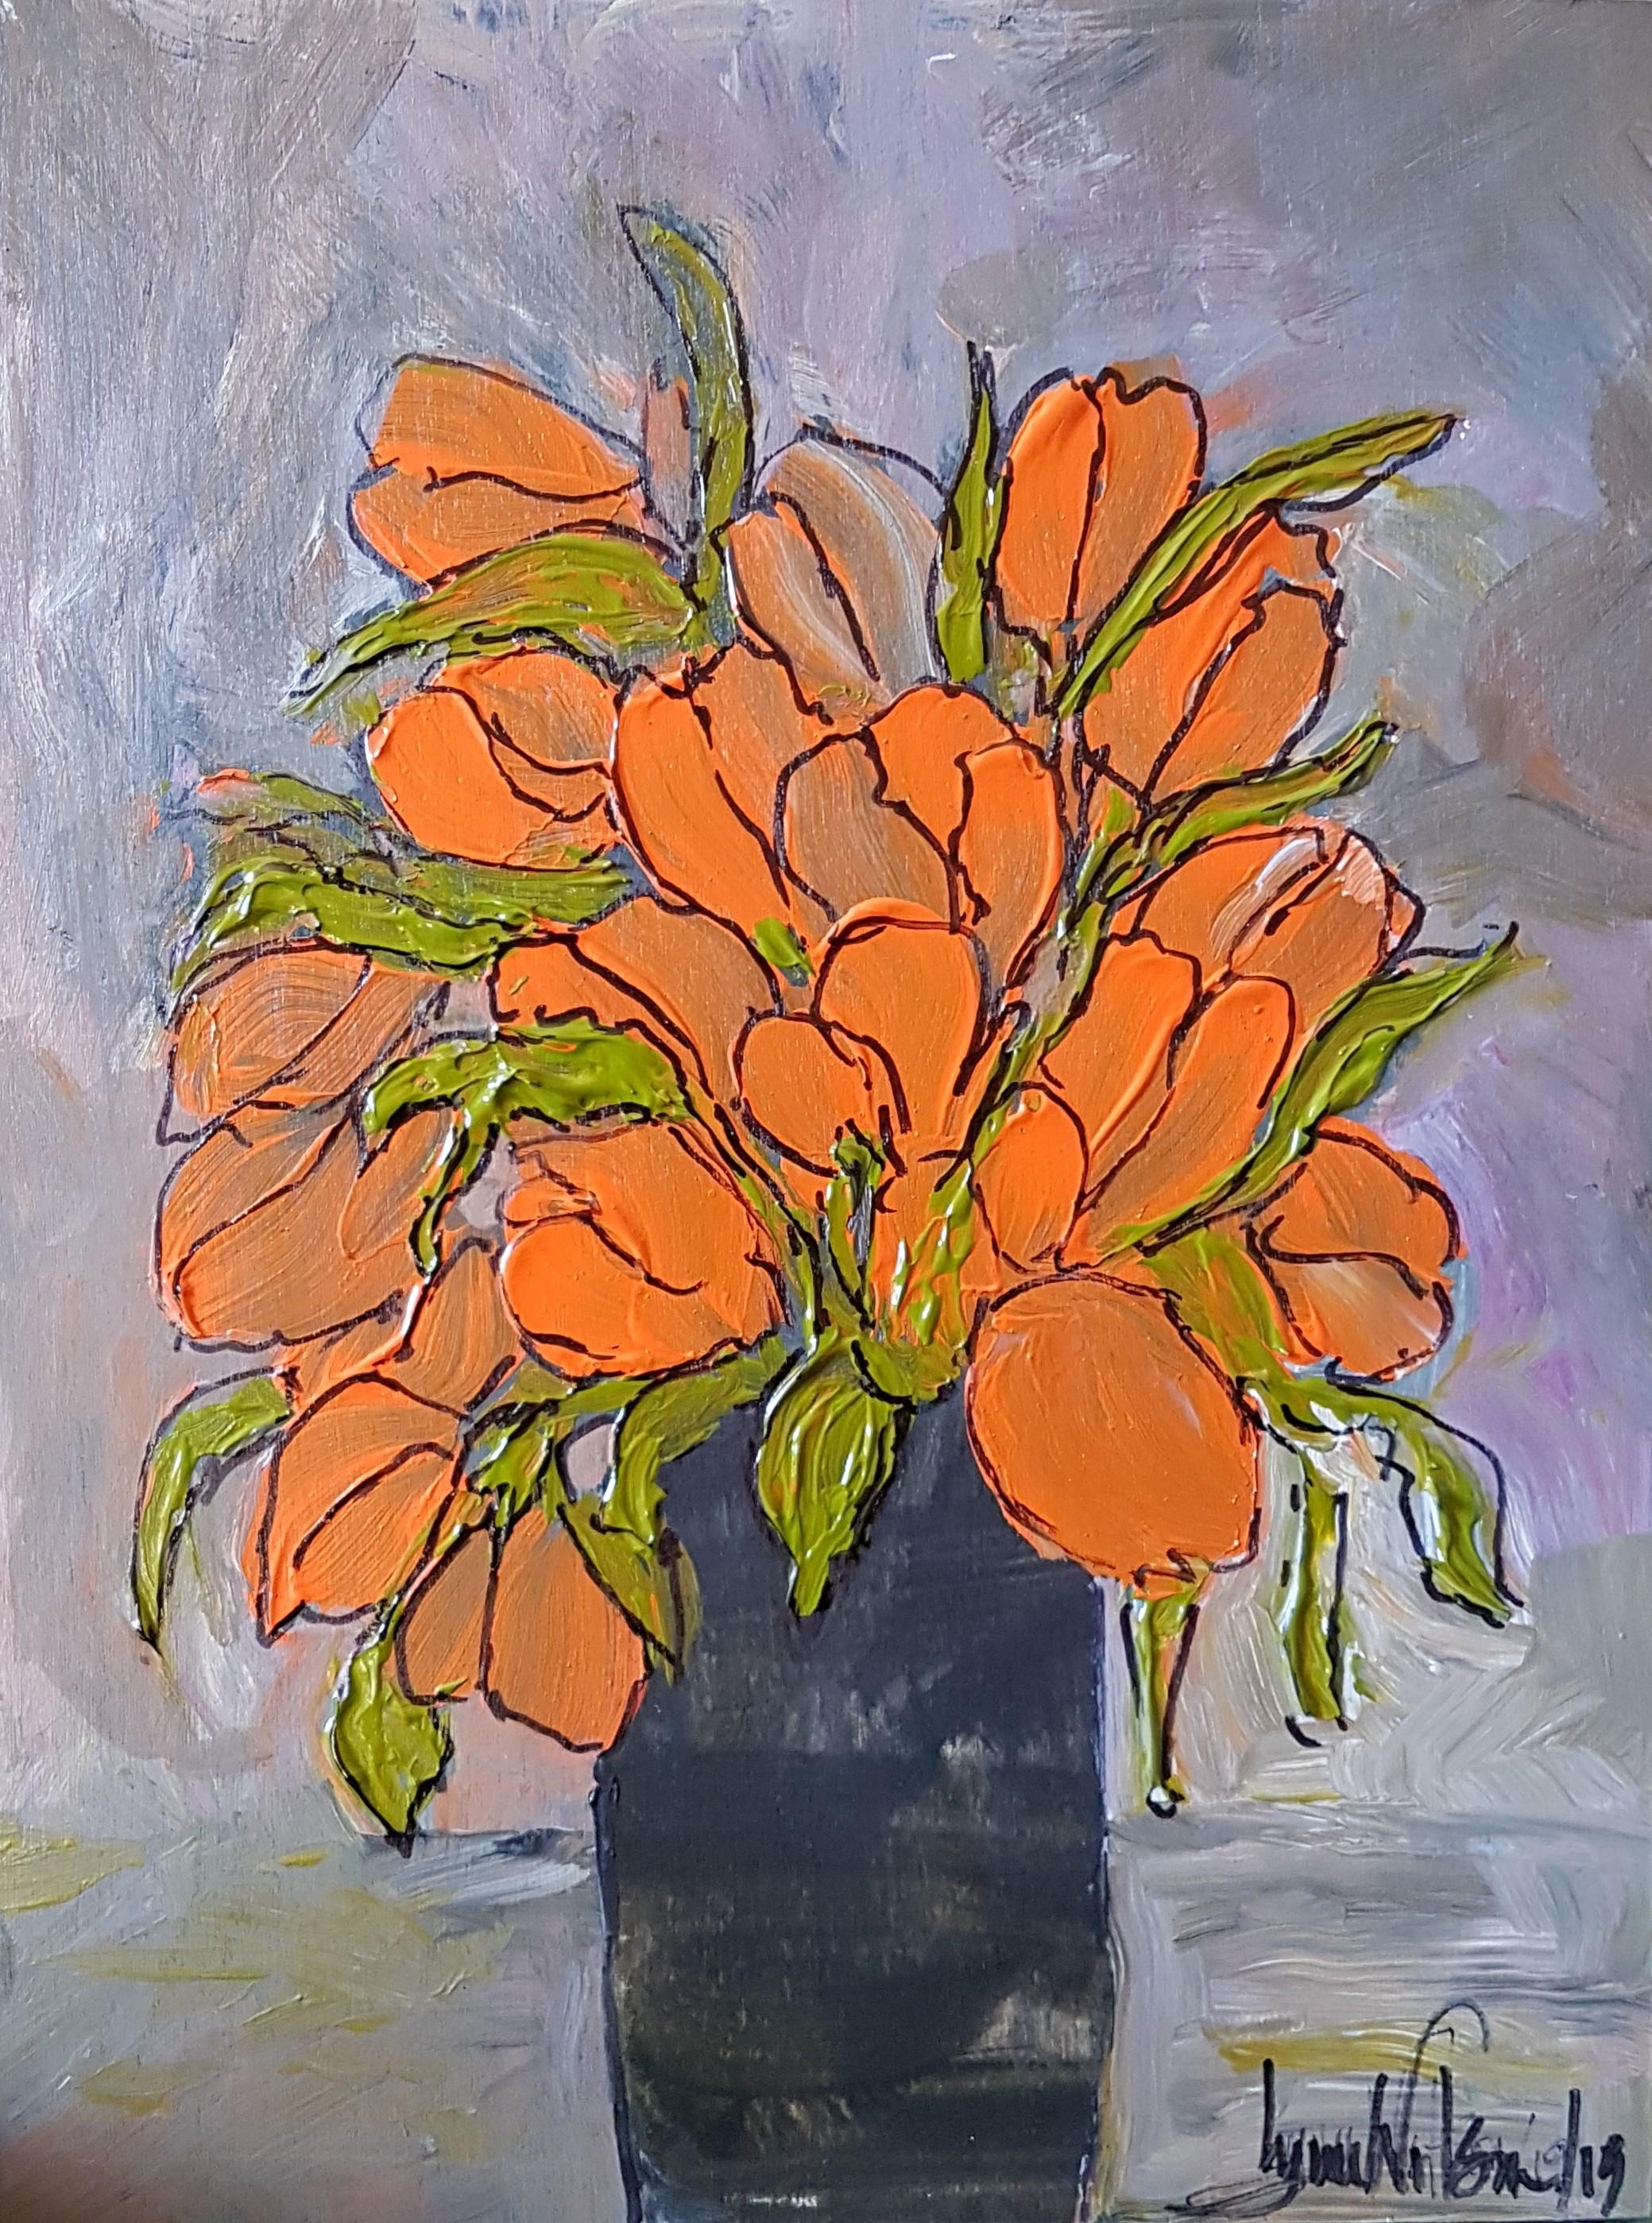 Flowers Series #16 Orange Tulips in Black narrow vase Wood Cradle Panel 9 x 12 March 2019 .jpg